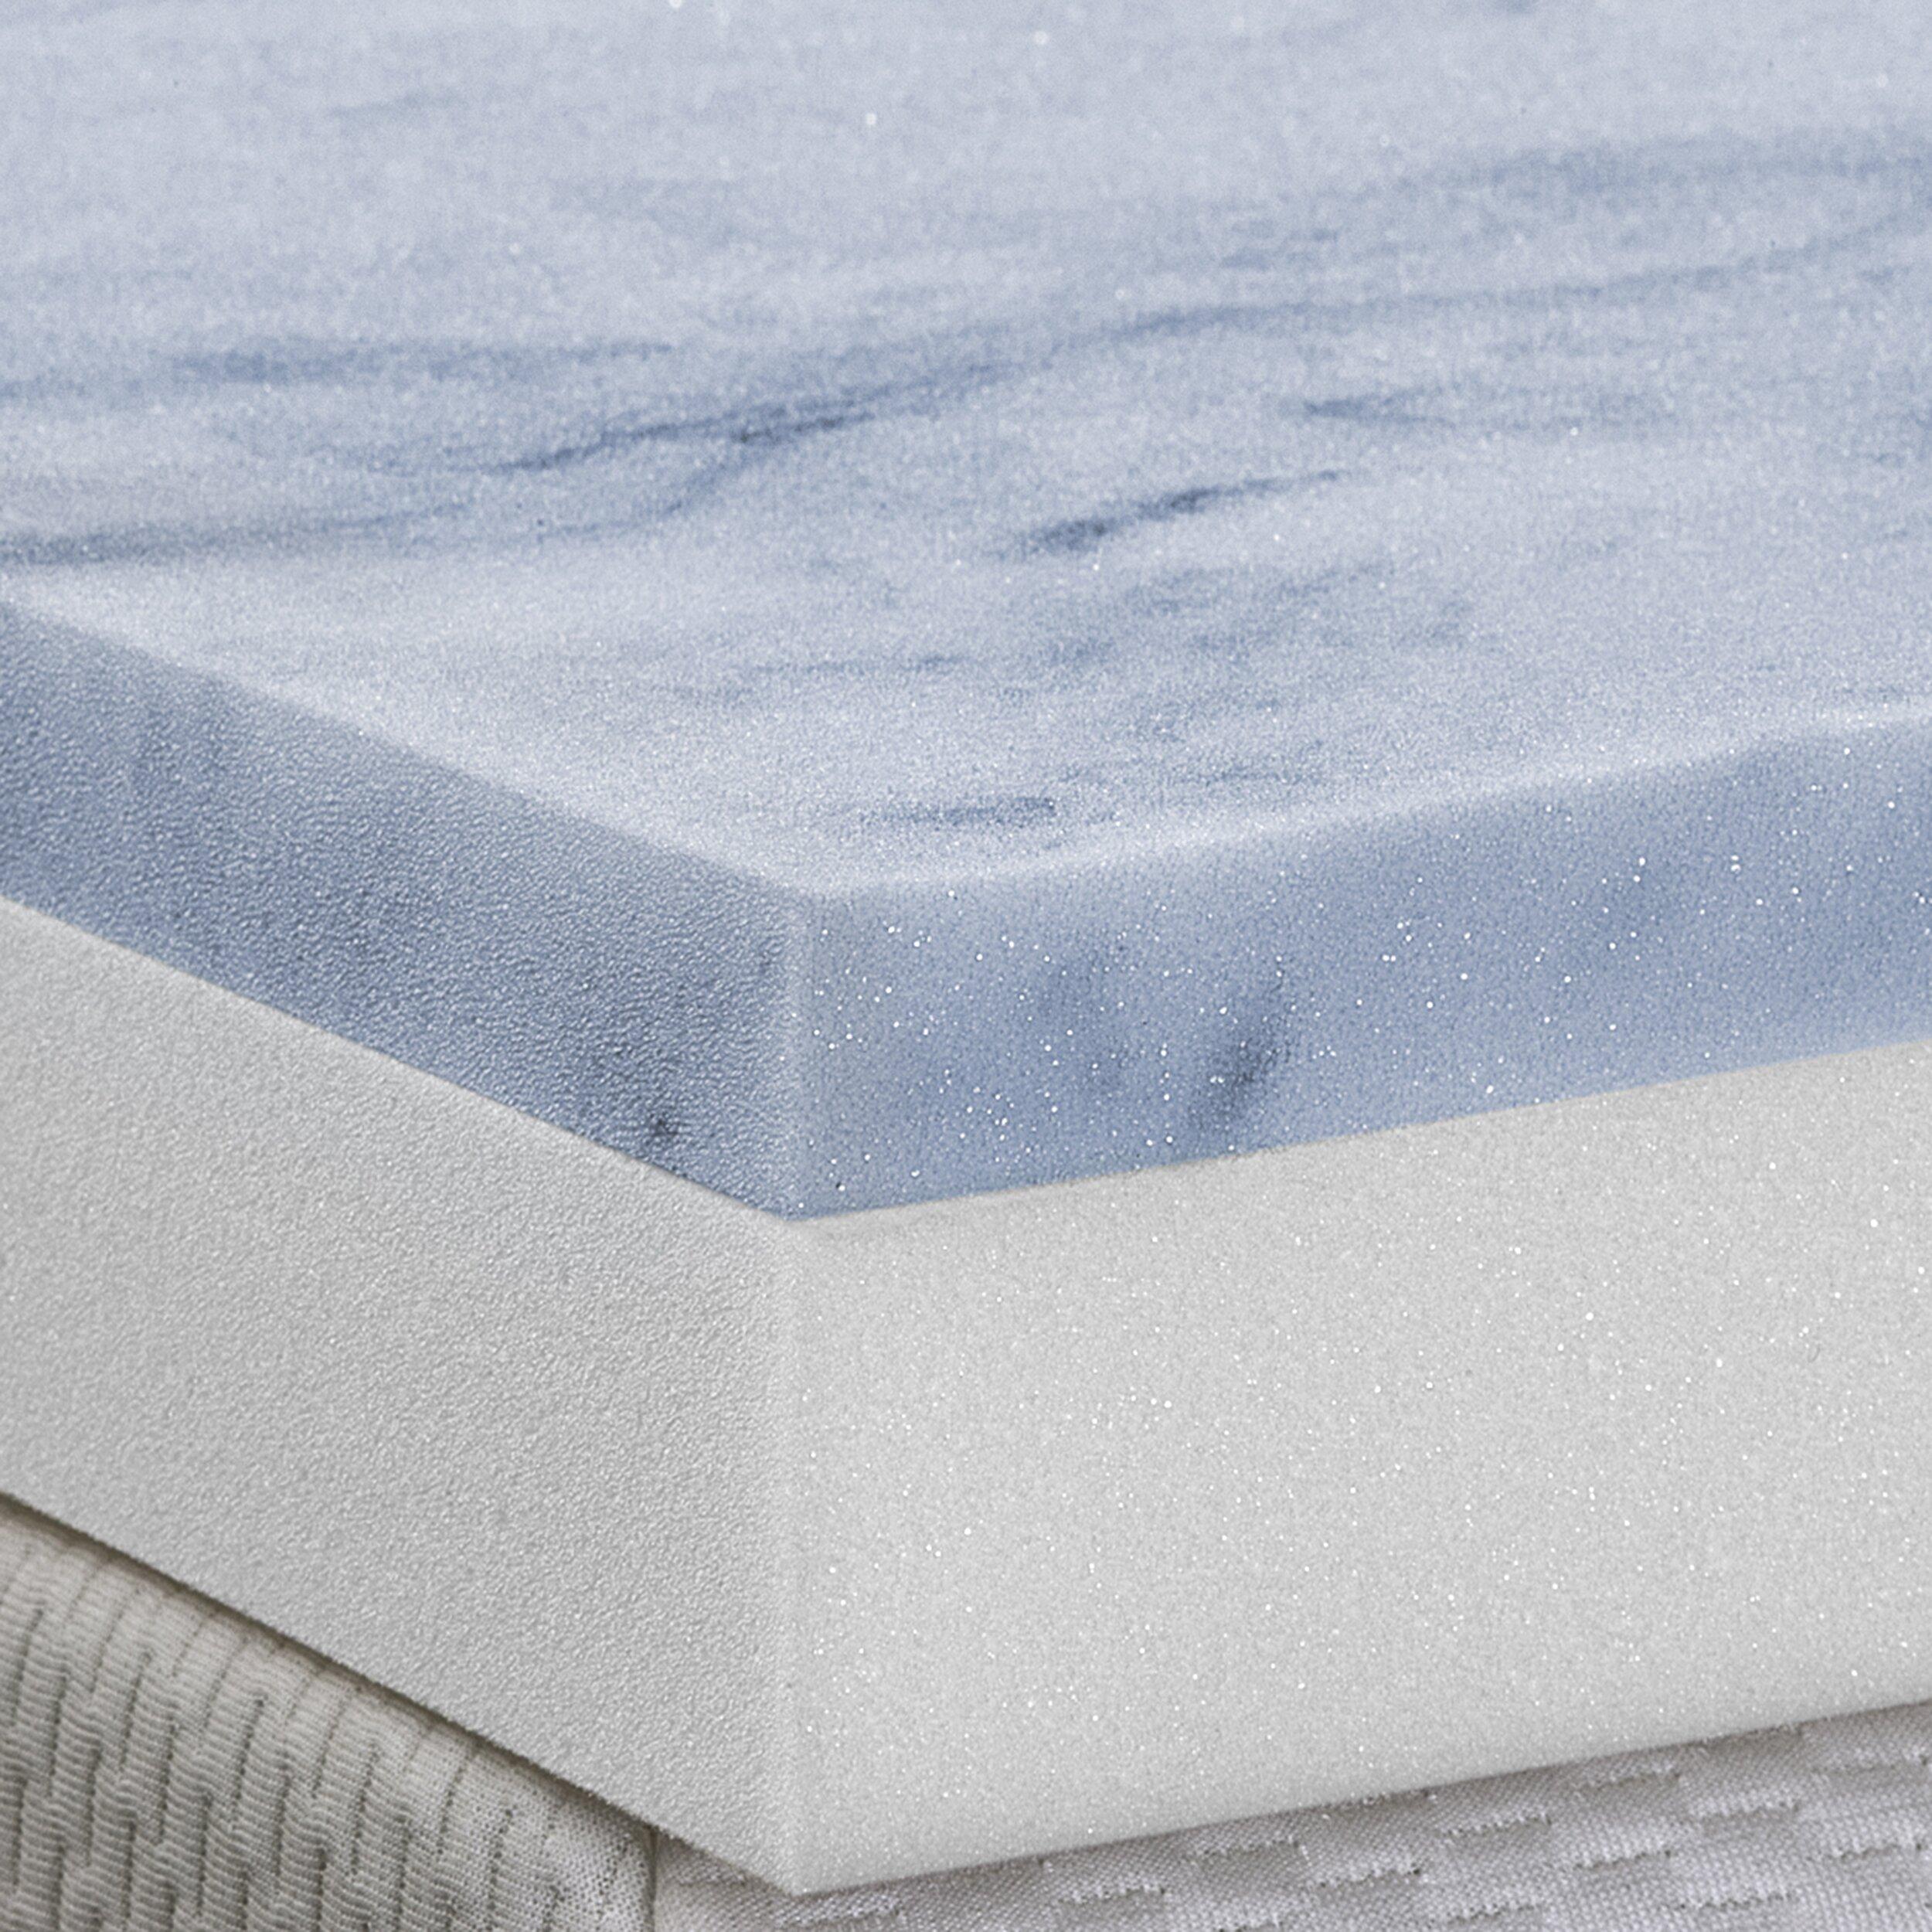 Serenia Sleep 3 Quot Gel Memory Foam 2 Layer Topper Amp Reviews